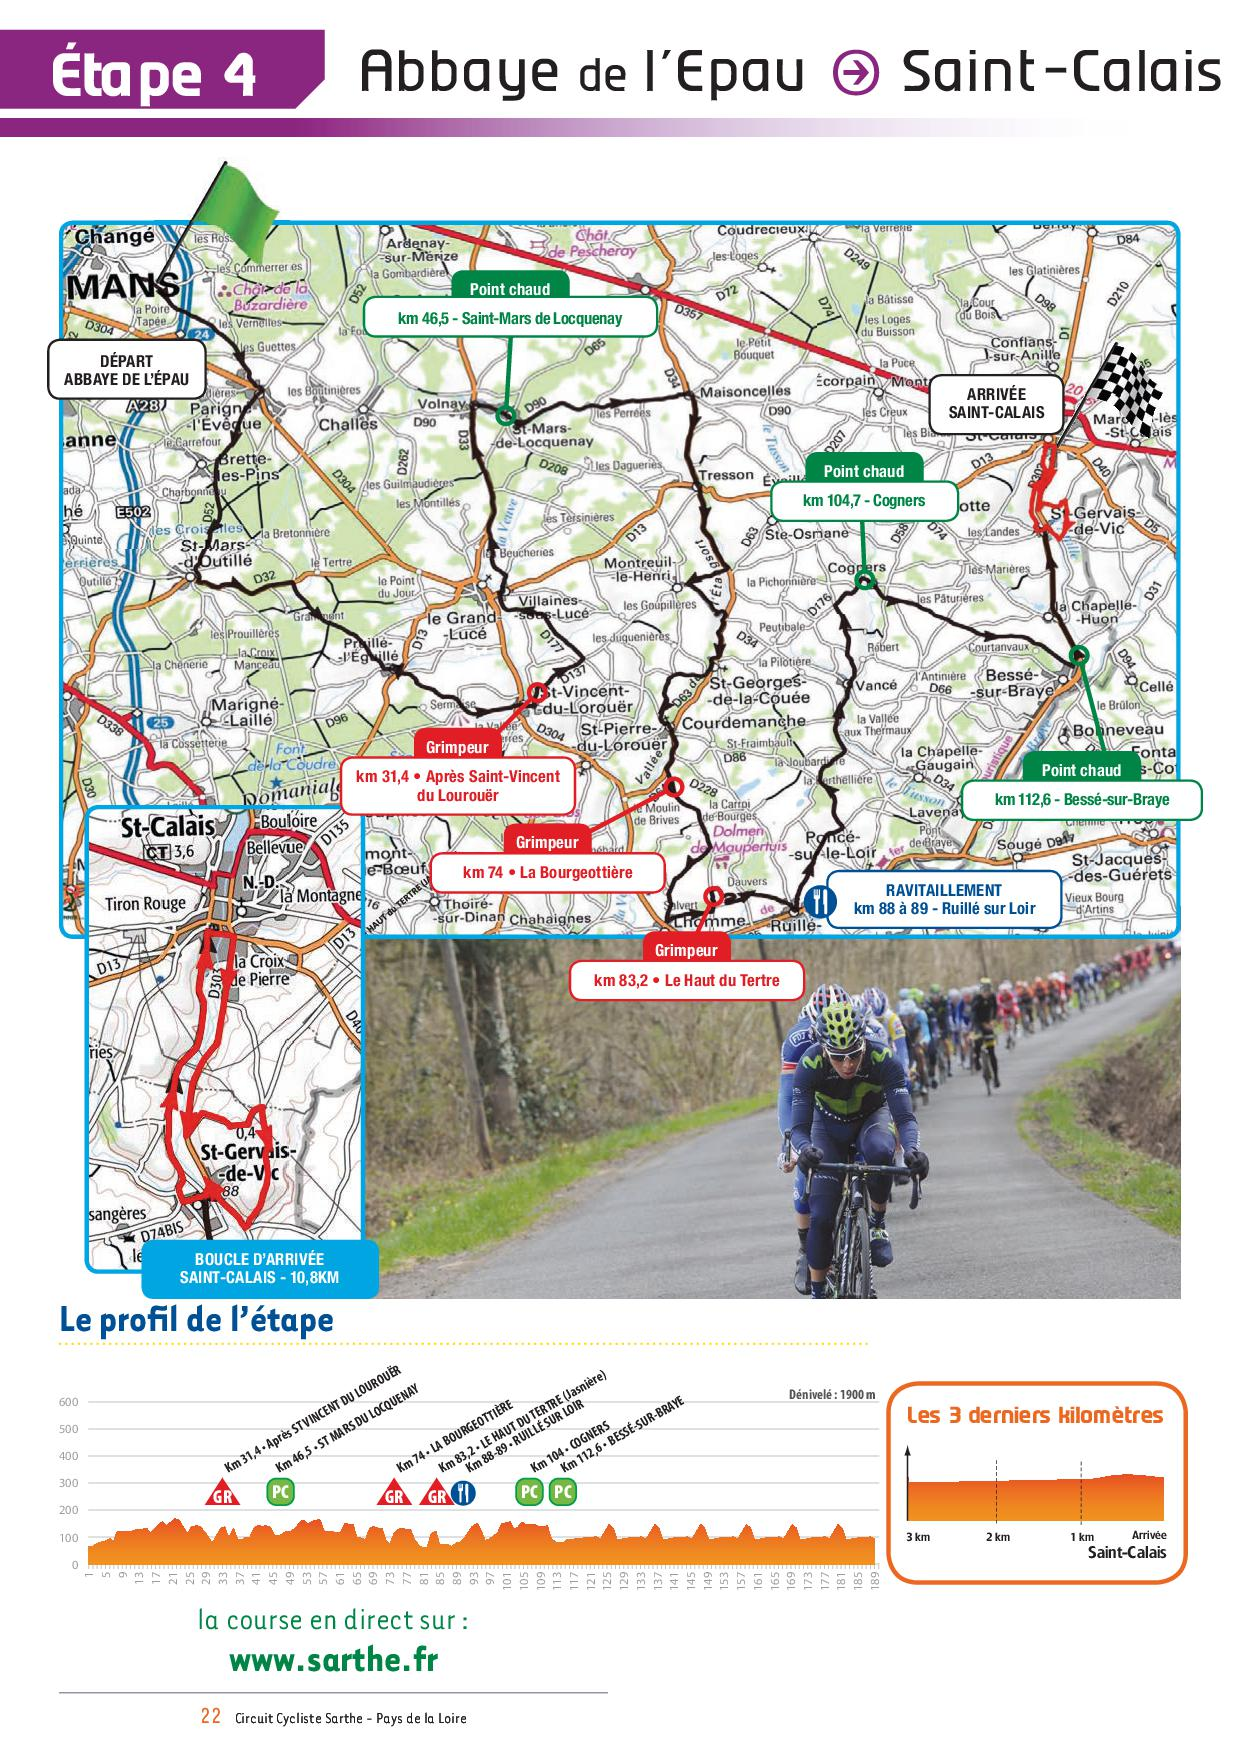 parcours-etape5-1